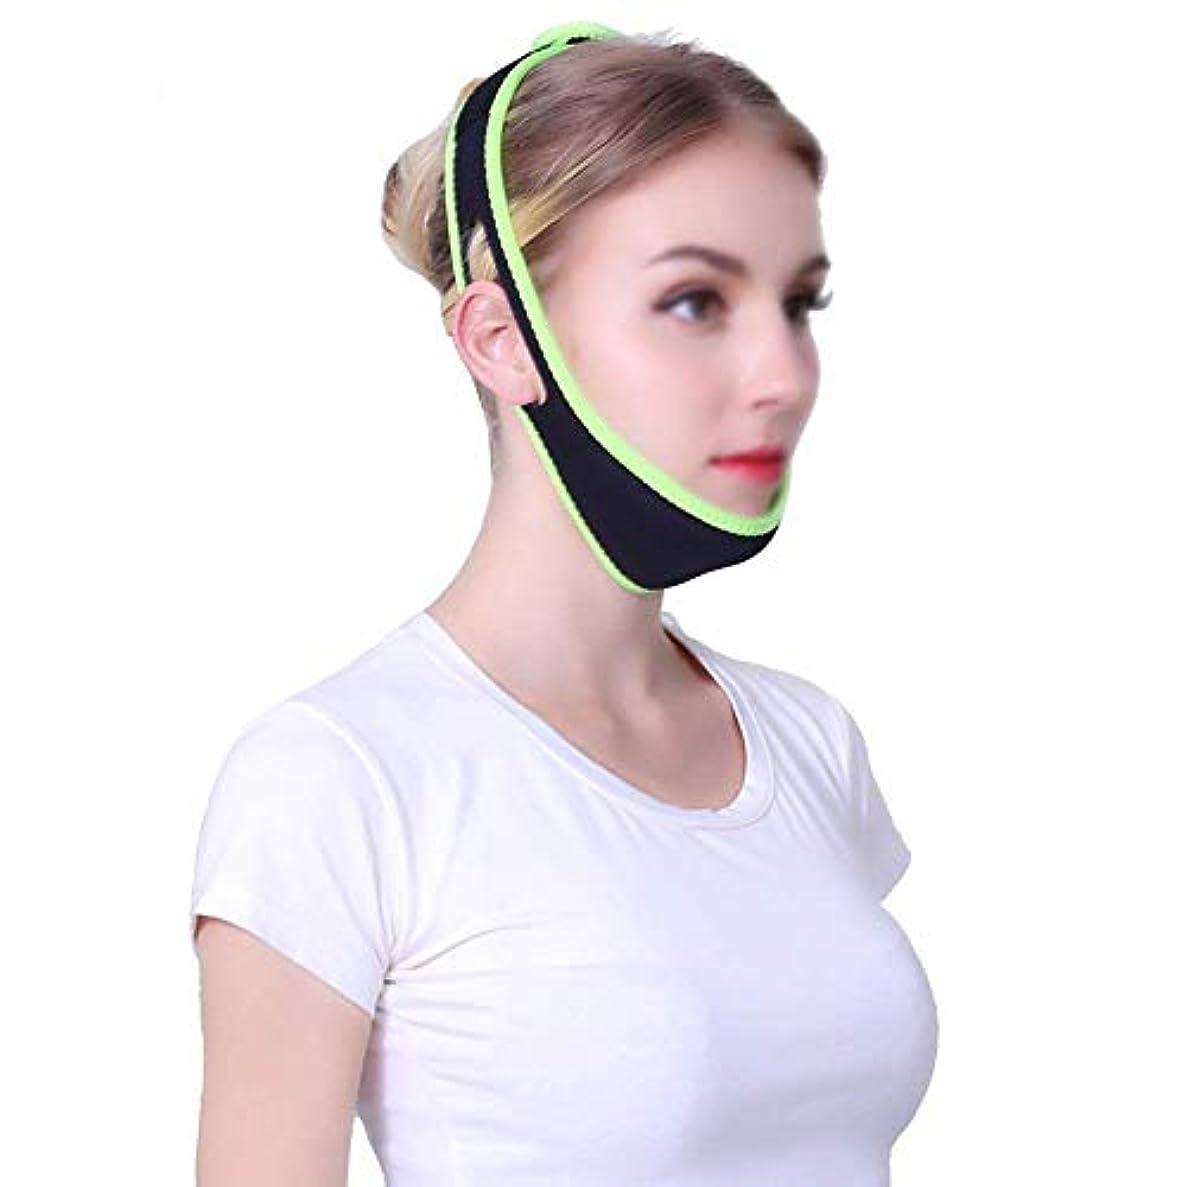 豆反論性差別引き締めフェイスマスク、小さなVフェイスアーティファクト睡眠リフティングマスク付き薄型フェイスバンデージマスク引き締めクリームフェイスリフトフェイスメロンフェイス楽器